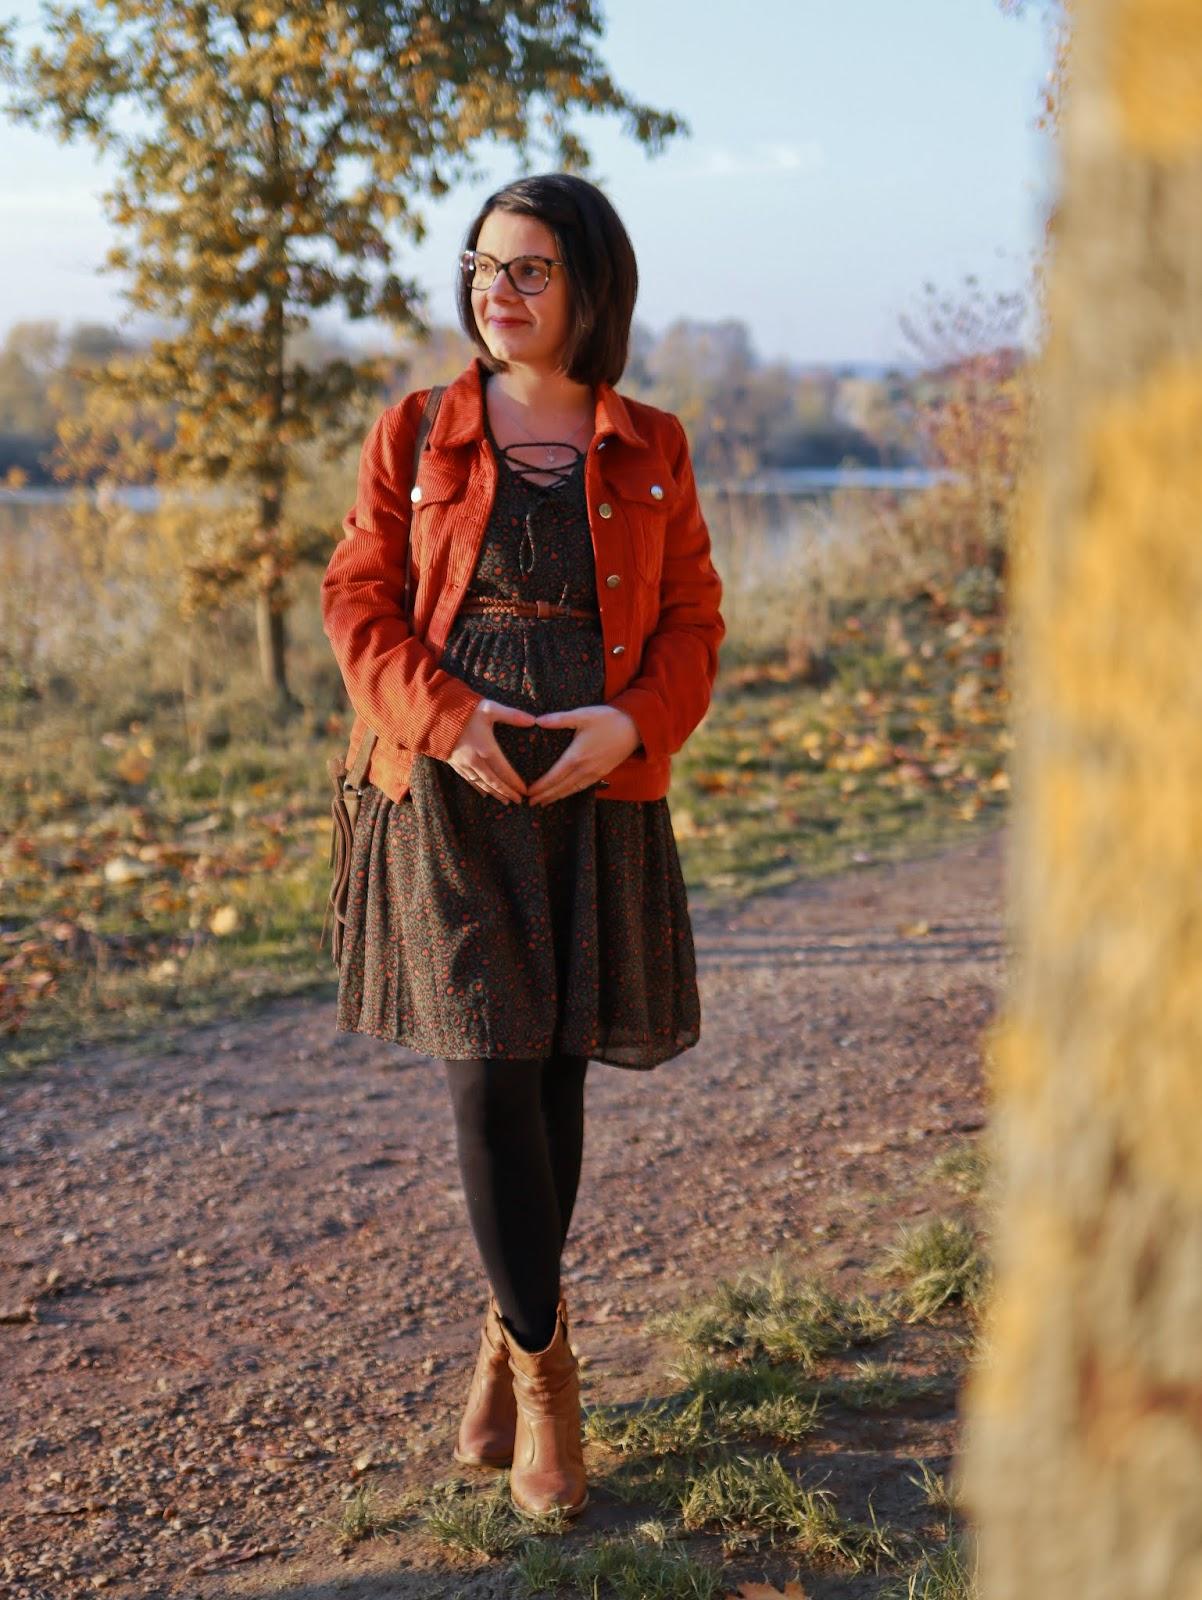 avis lookiero test essayage haul ootd outfit personnal shopper motif léopard velours cotelé grossesse maternité les gommettes de melo